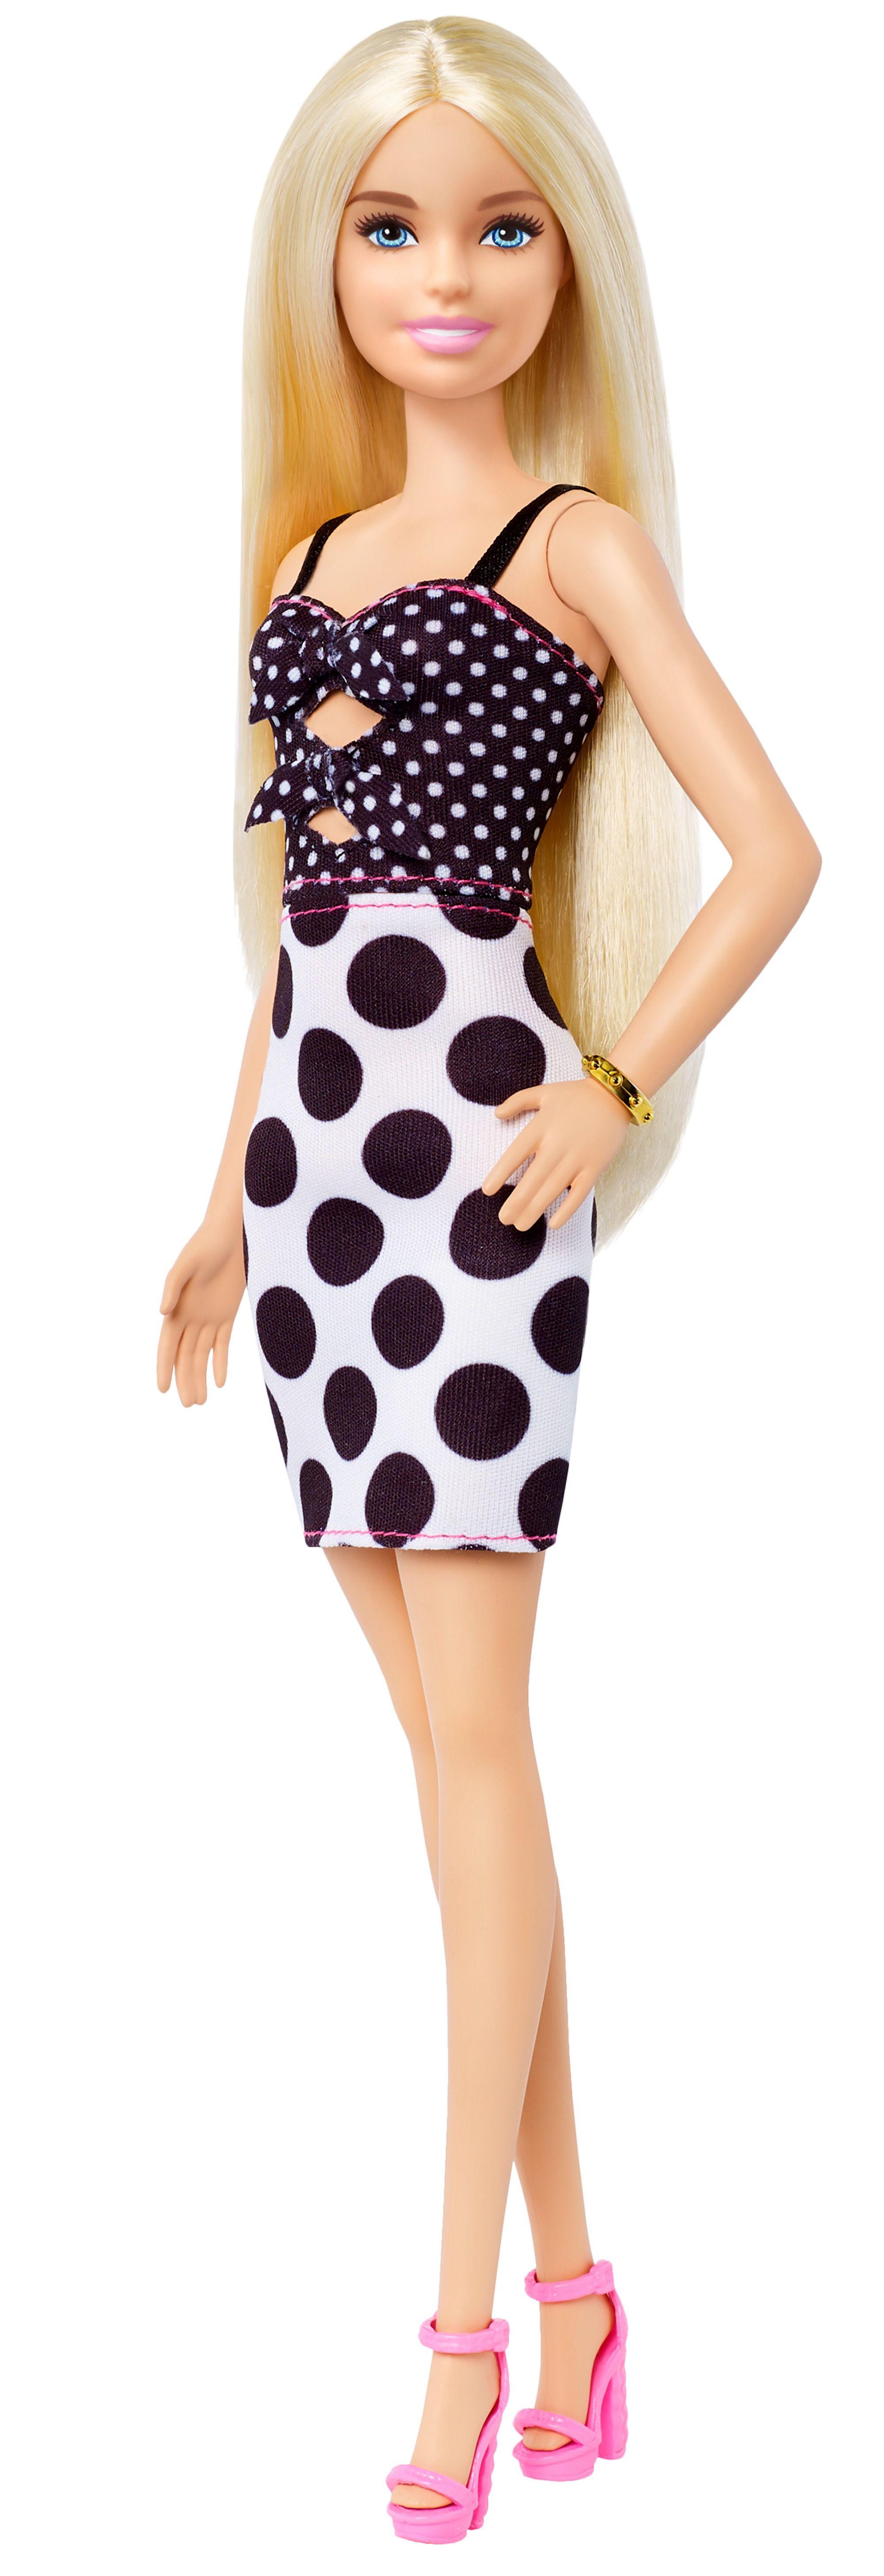 Barbie Fashionistas Dukke Nr. 134